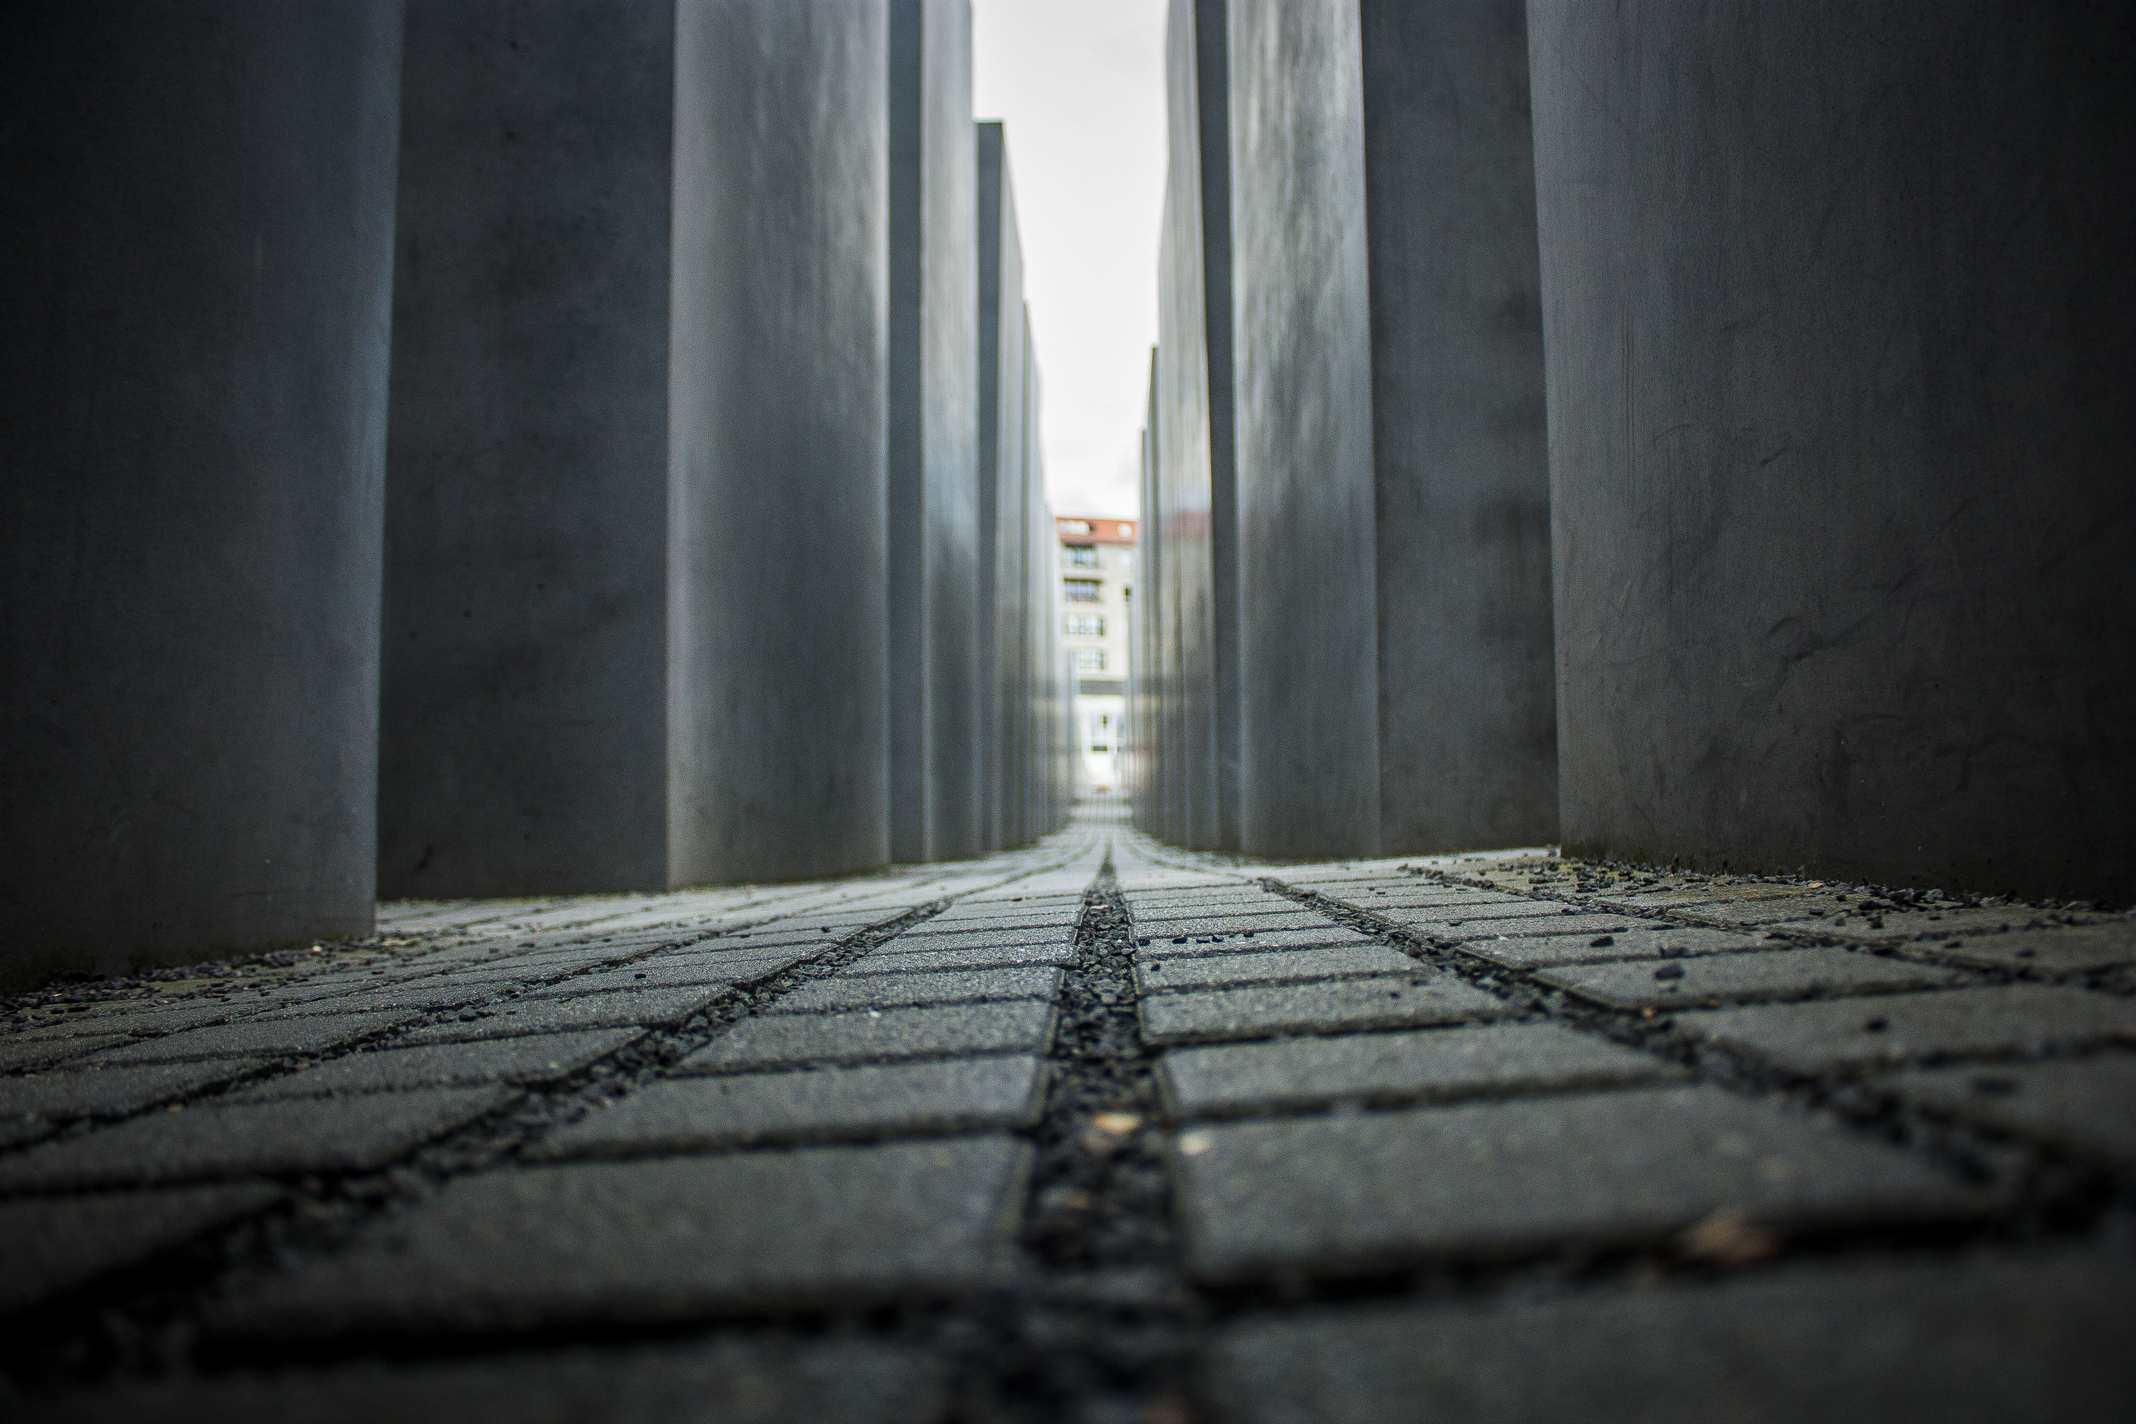 La via di fuga